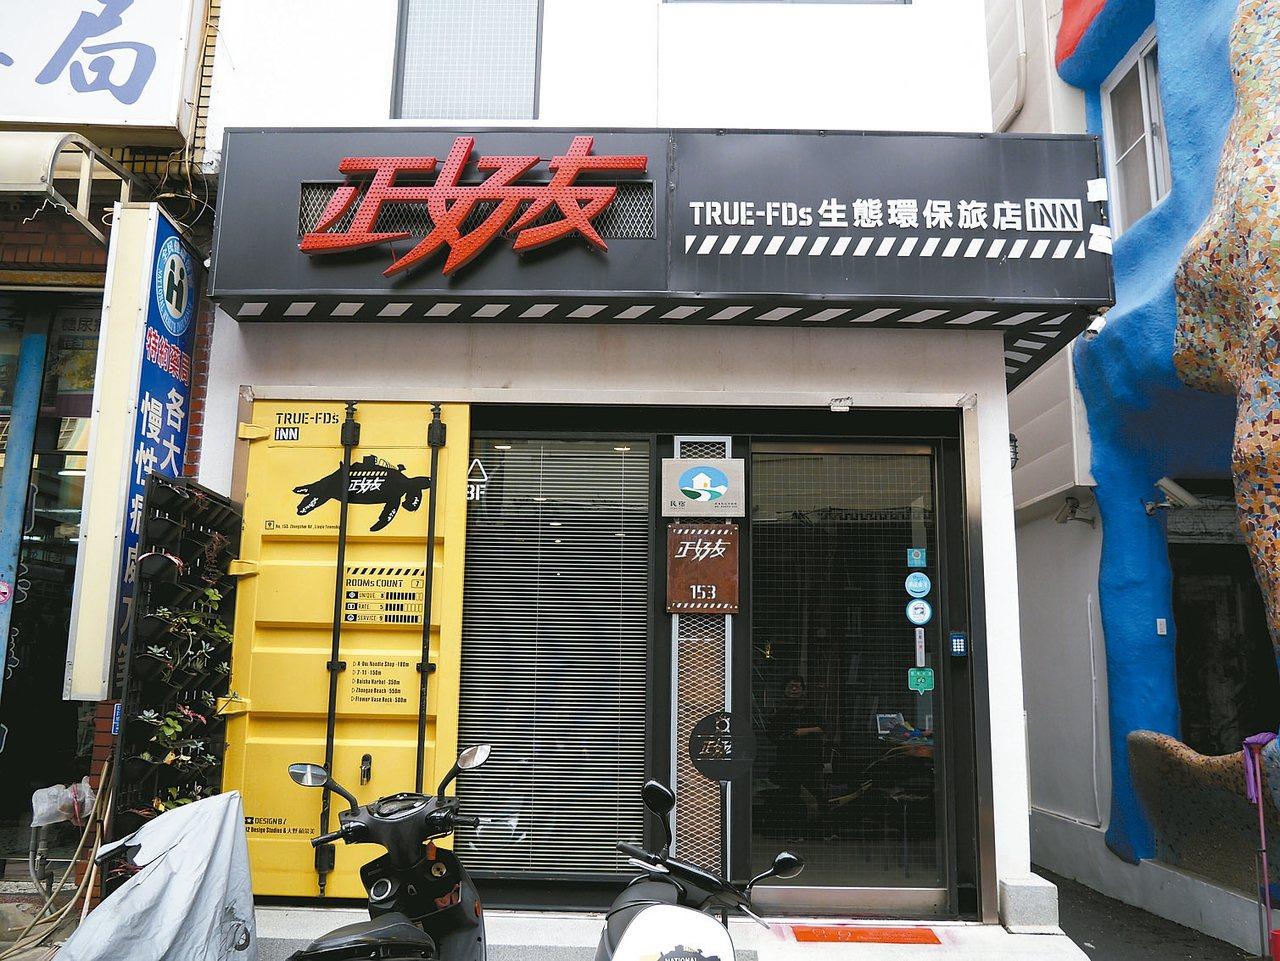 小琉球民宿多,也有愈來愈多轉型生態旅店。 記者羅建怡/攝影